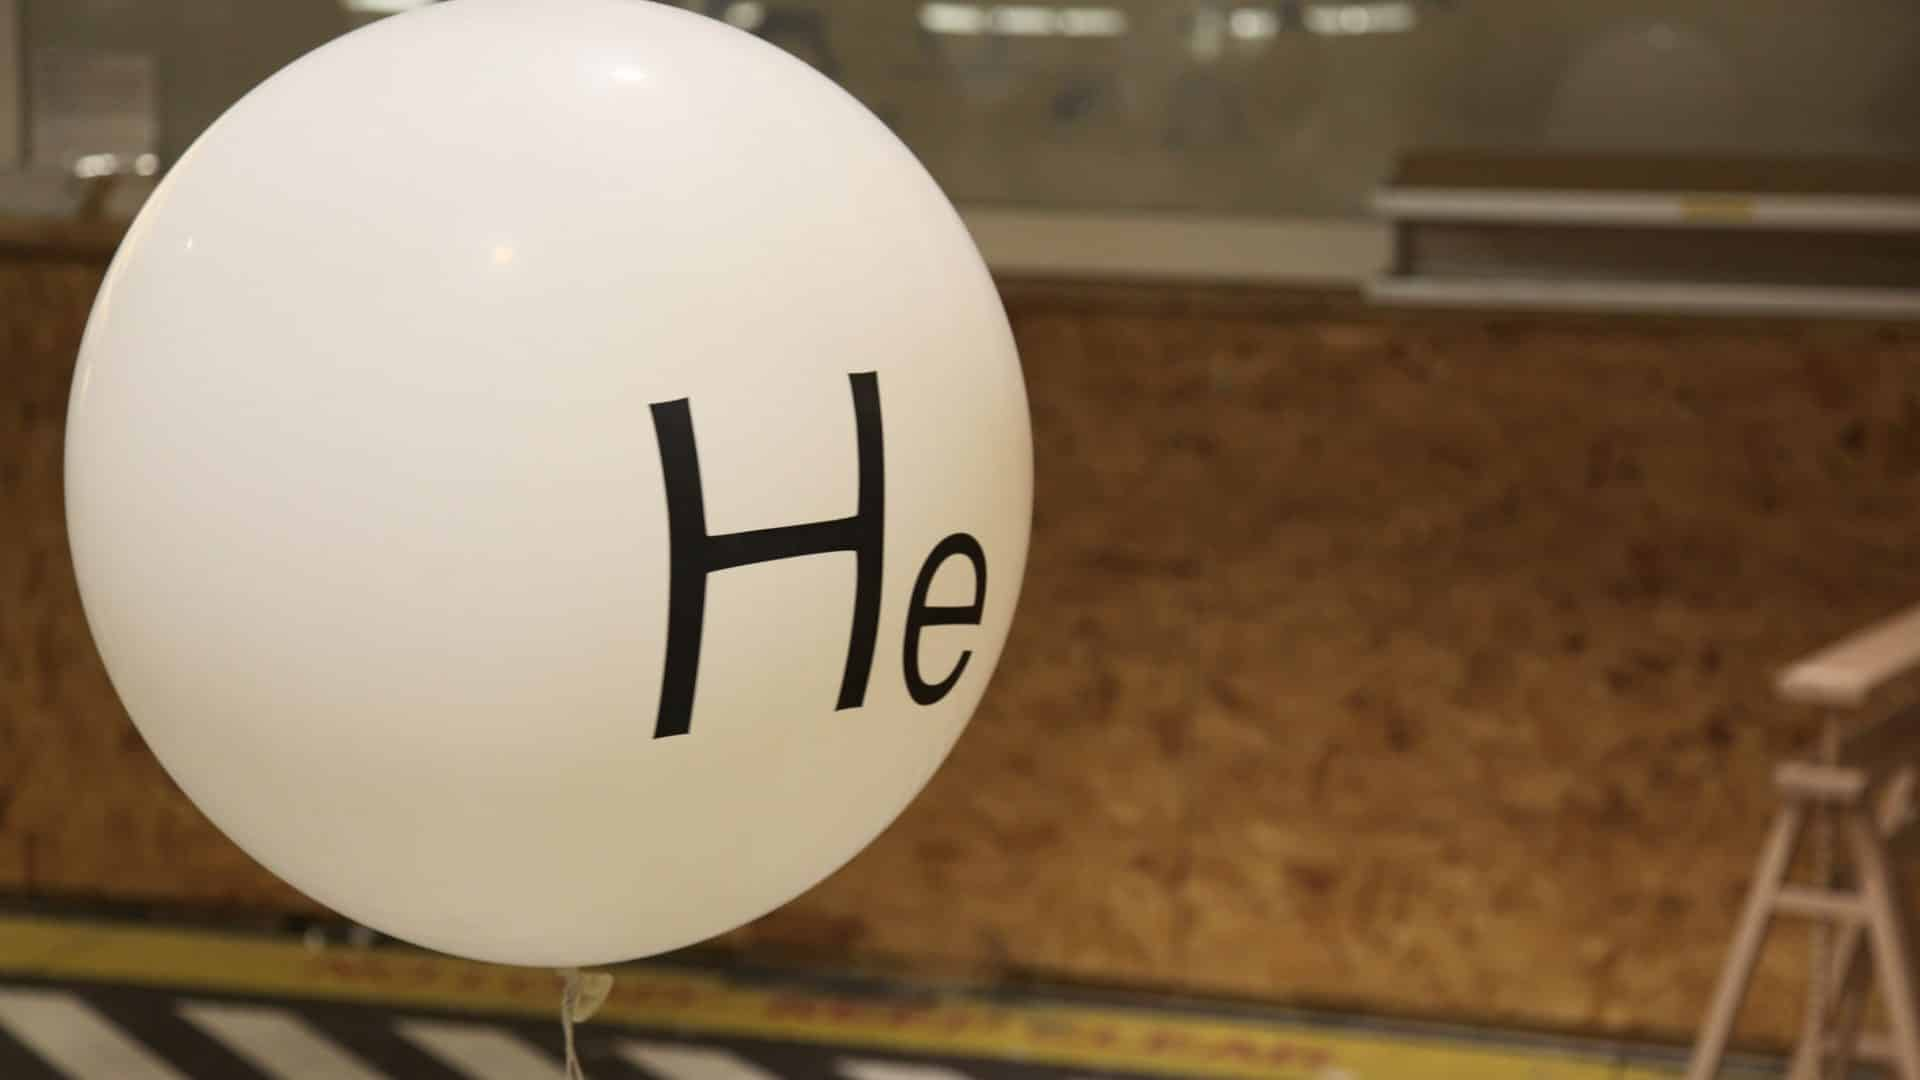 Conheça mais sobre o gás que afina a voz, o gás hélio